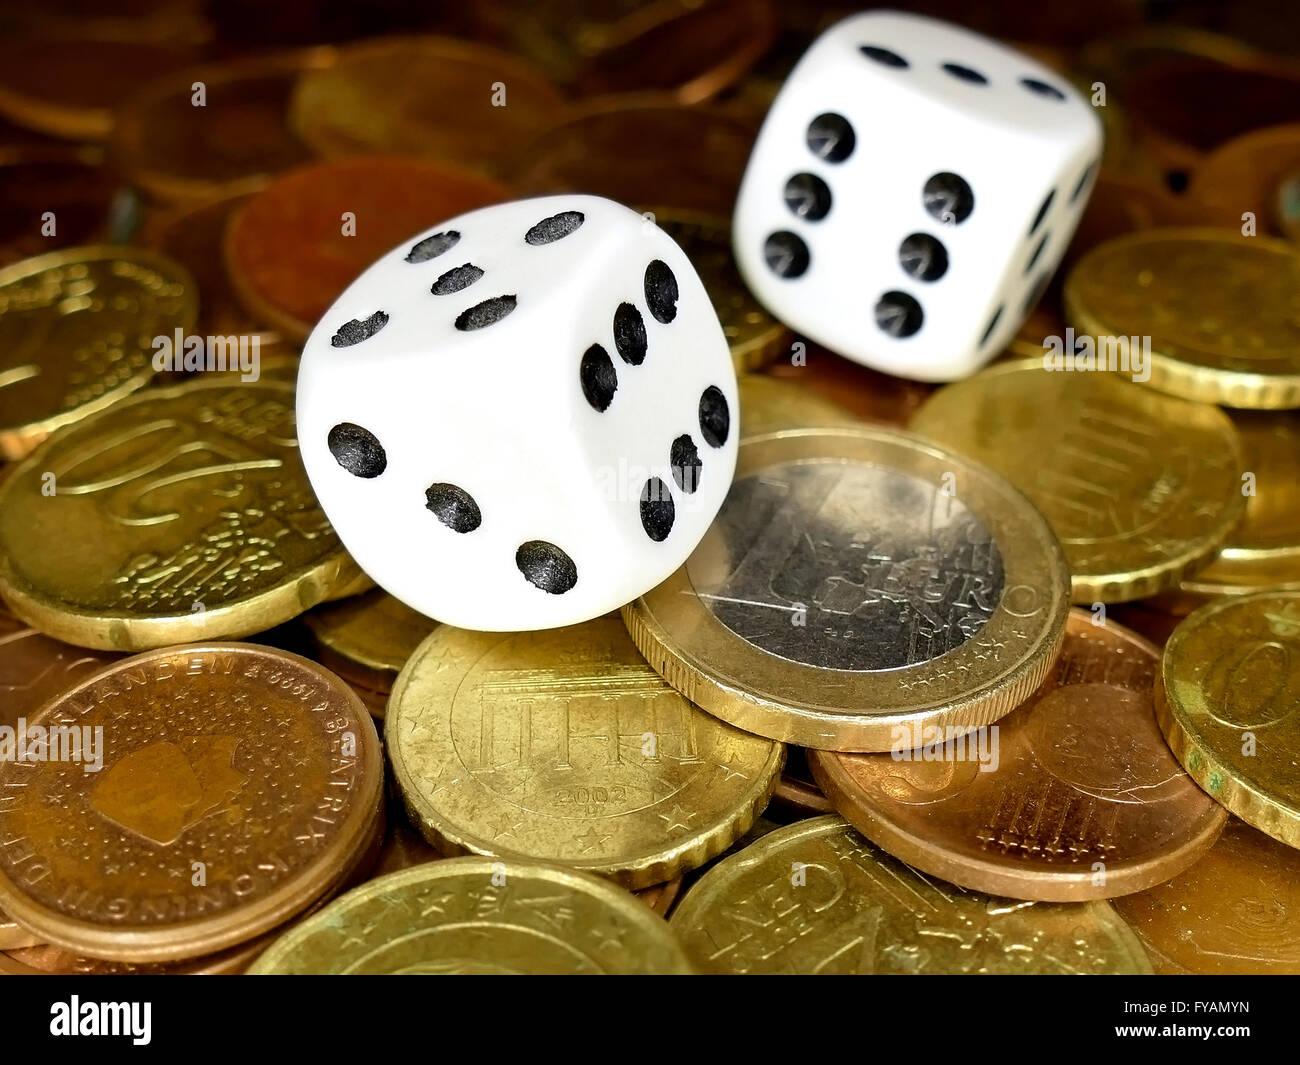 Würfel und europäische Münzen Geld Vollbild, Glücksspiel Konzept Stockbild